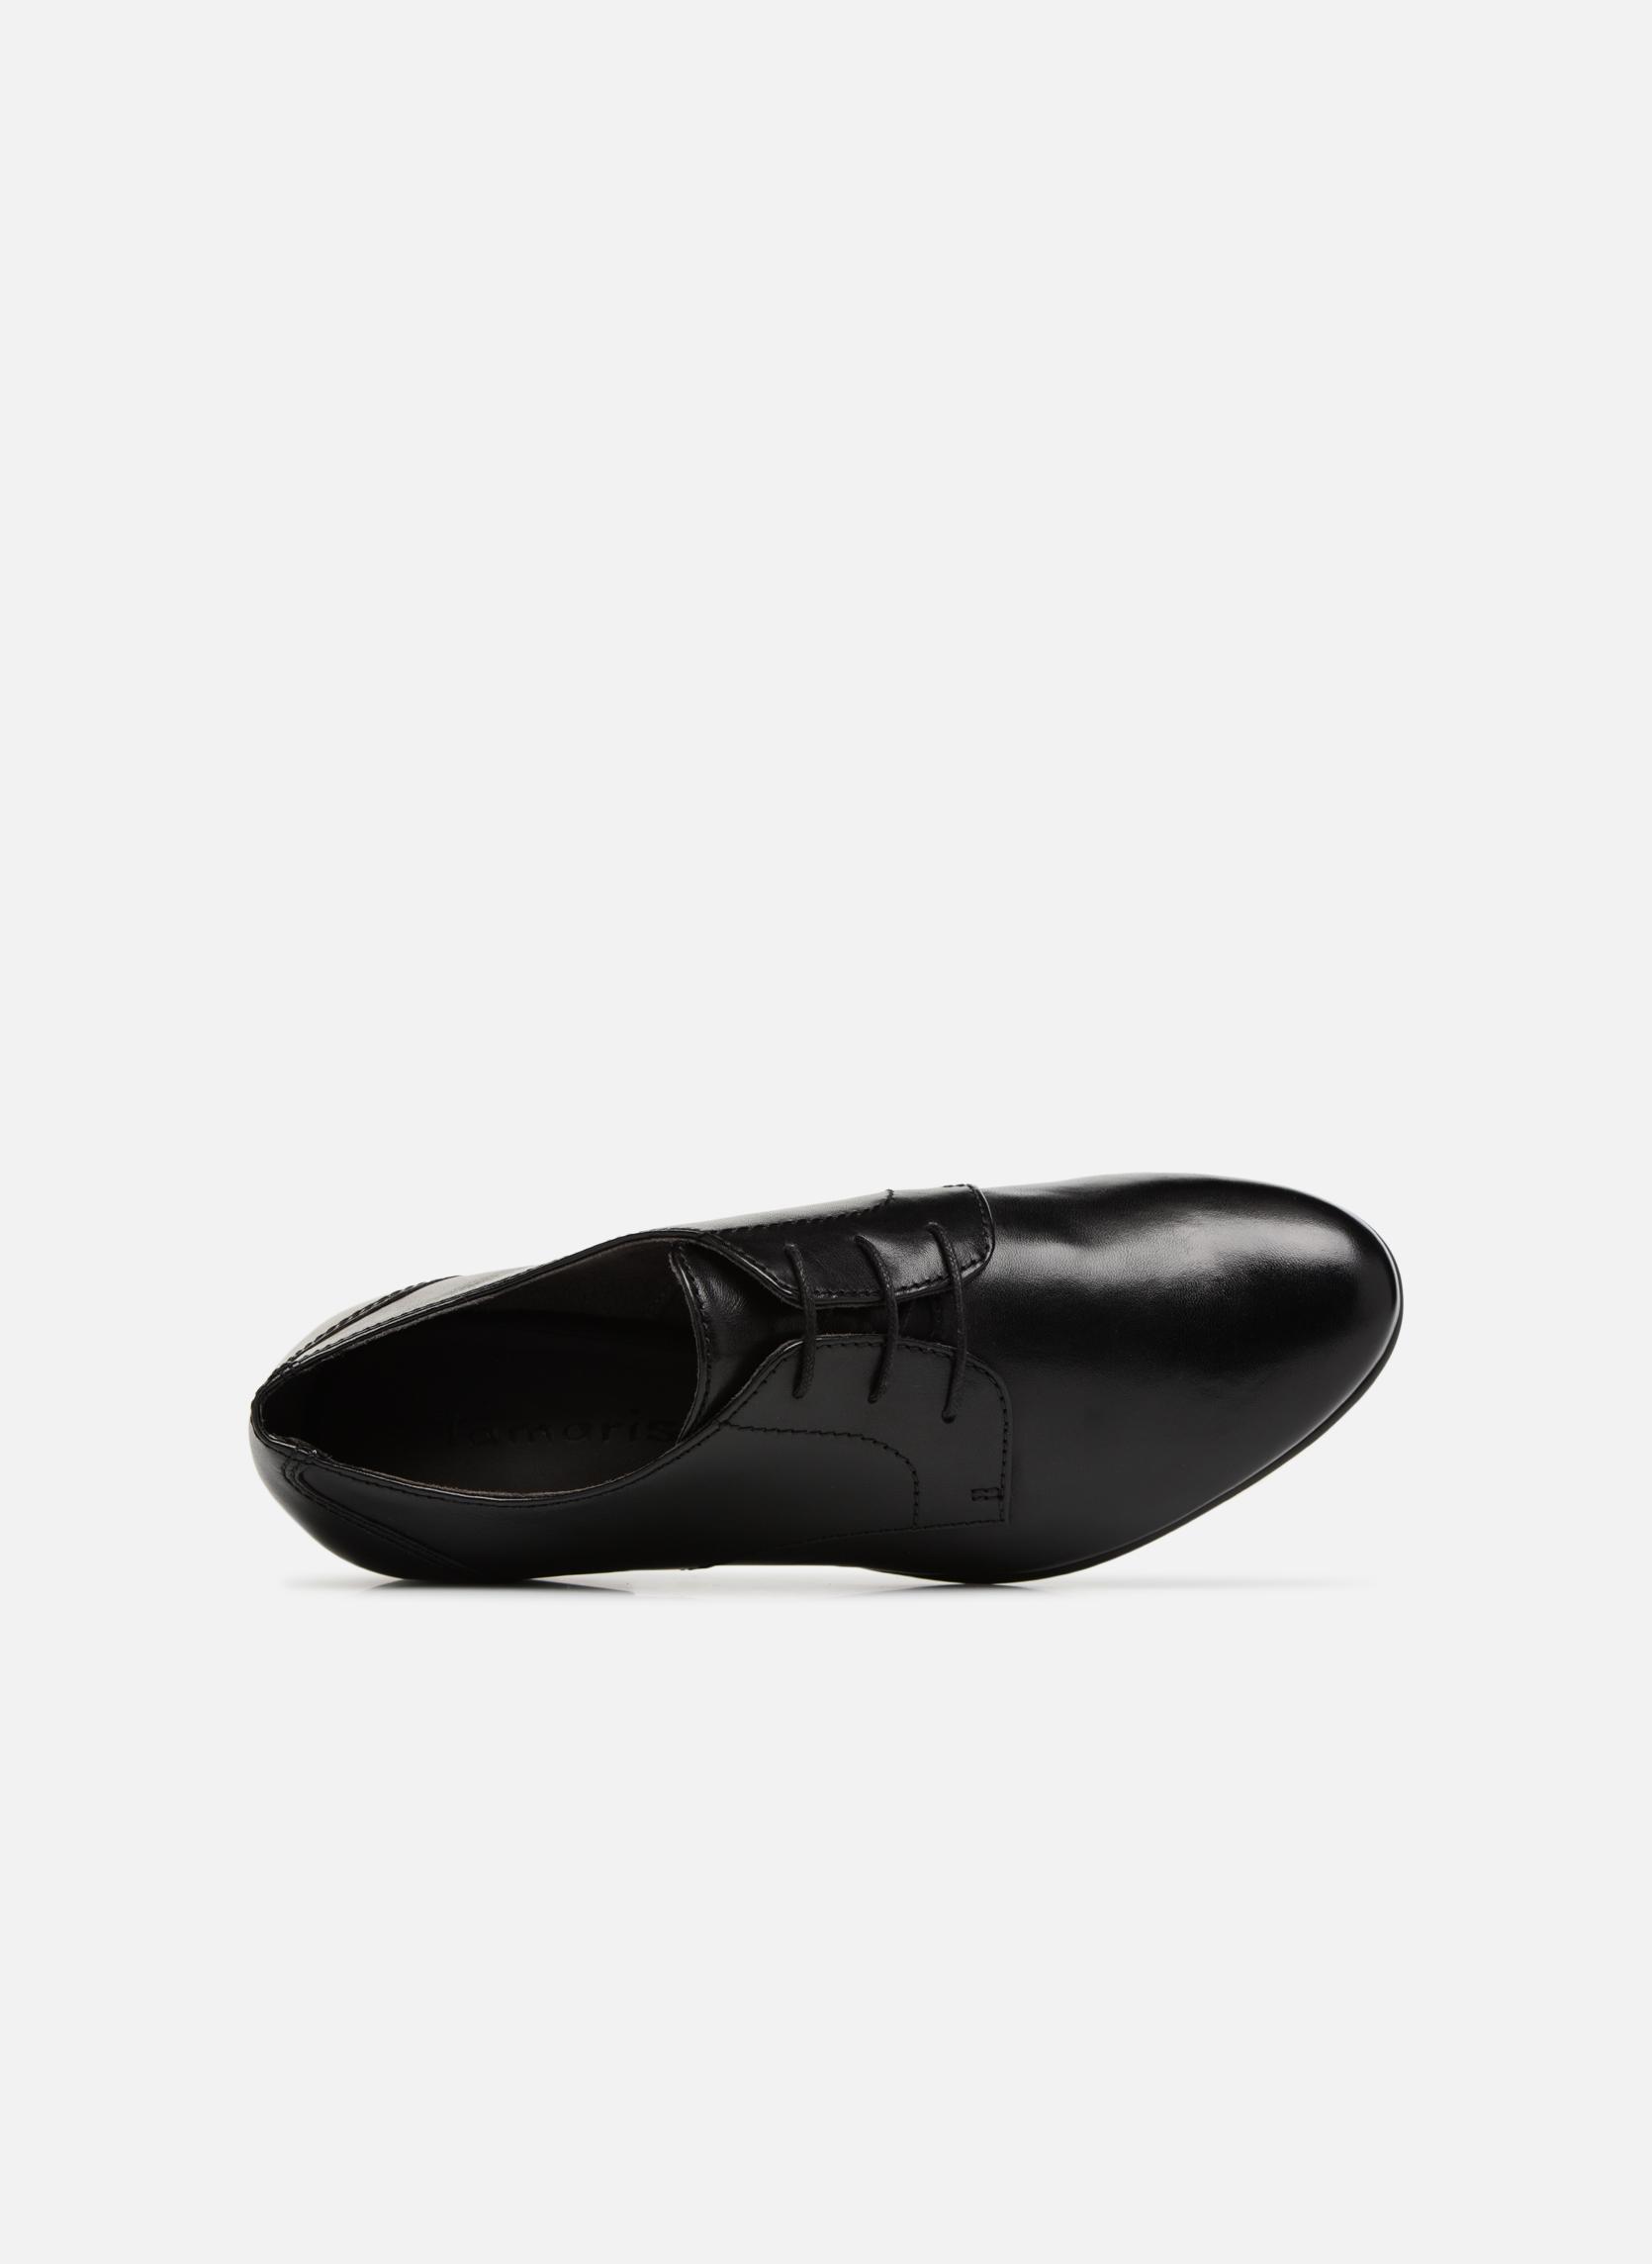 Coriandre Black leather